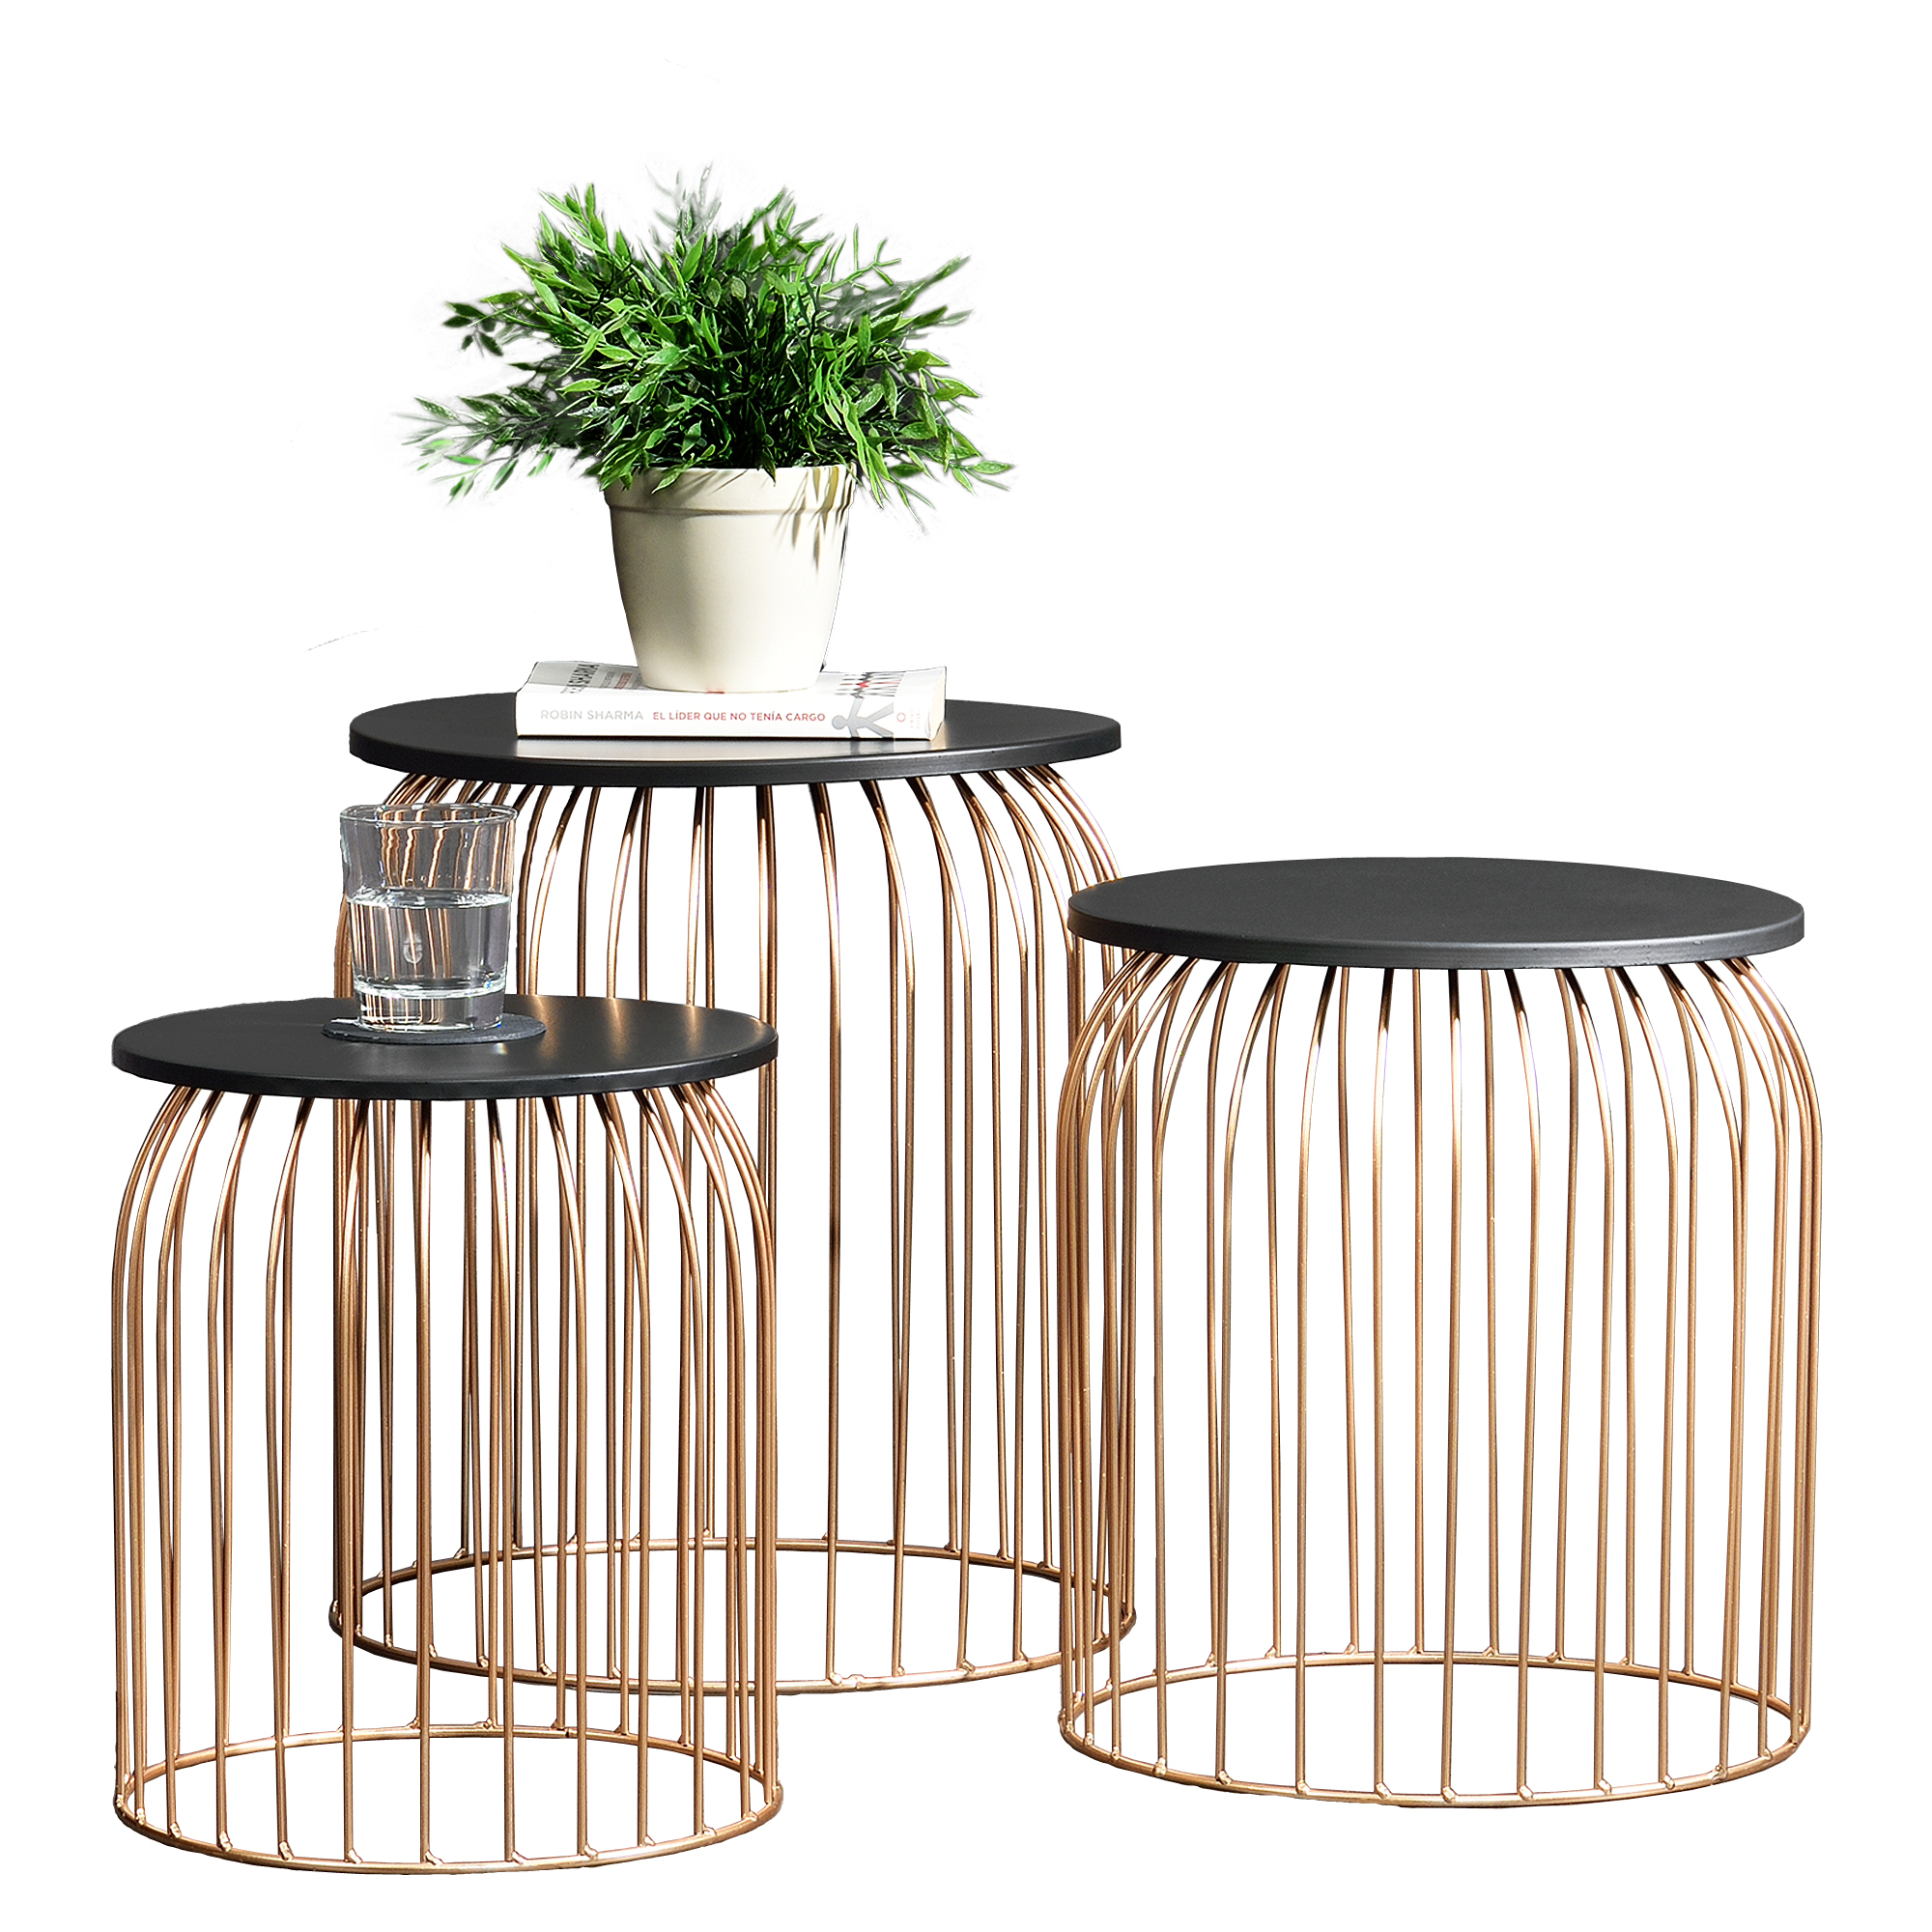 metallkorb beistelltisch couchtisch sofatisch 3er set deko kupfer ebay. Black Bedroom Furniture Sets. Home Design Ideas